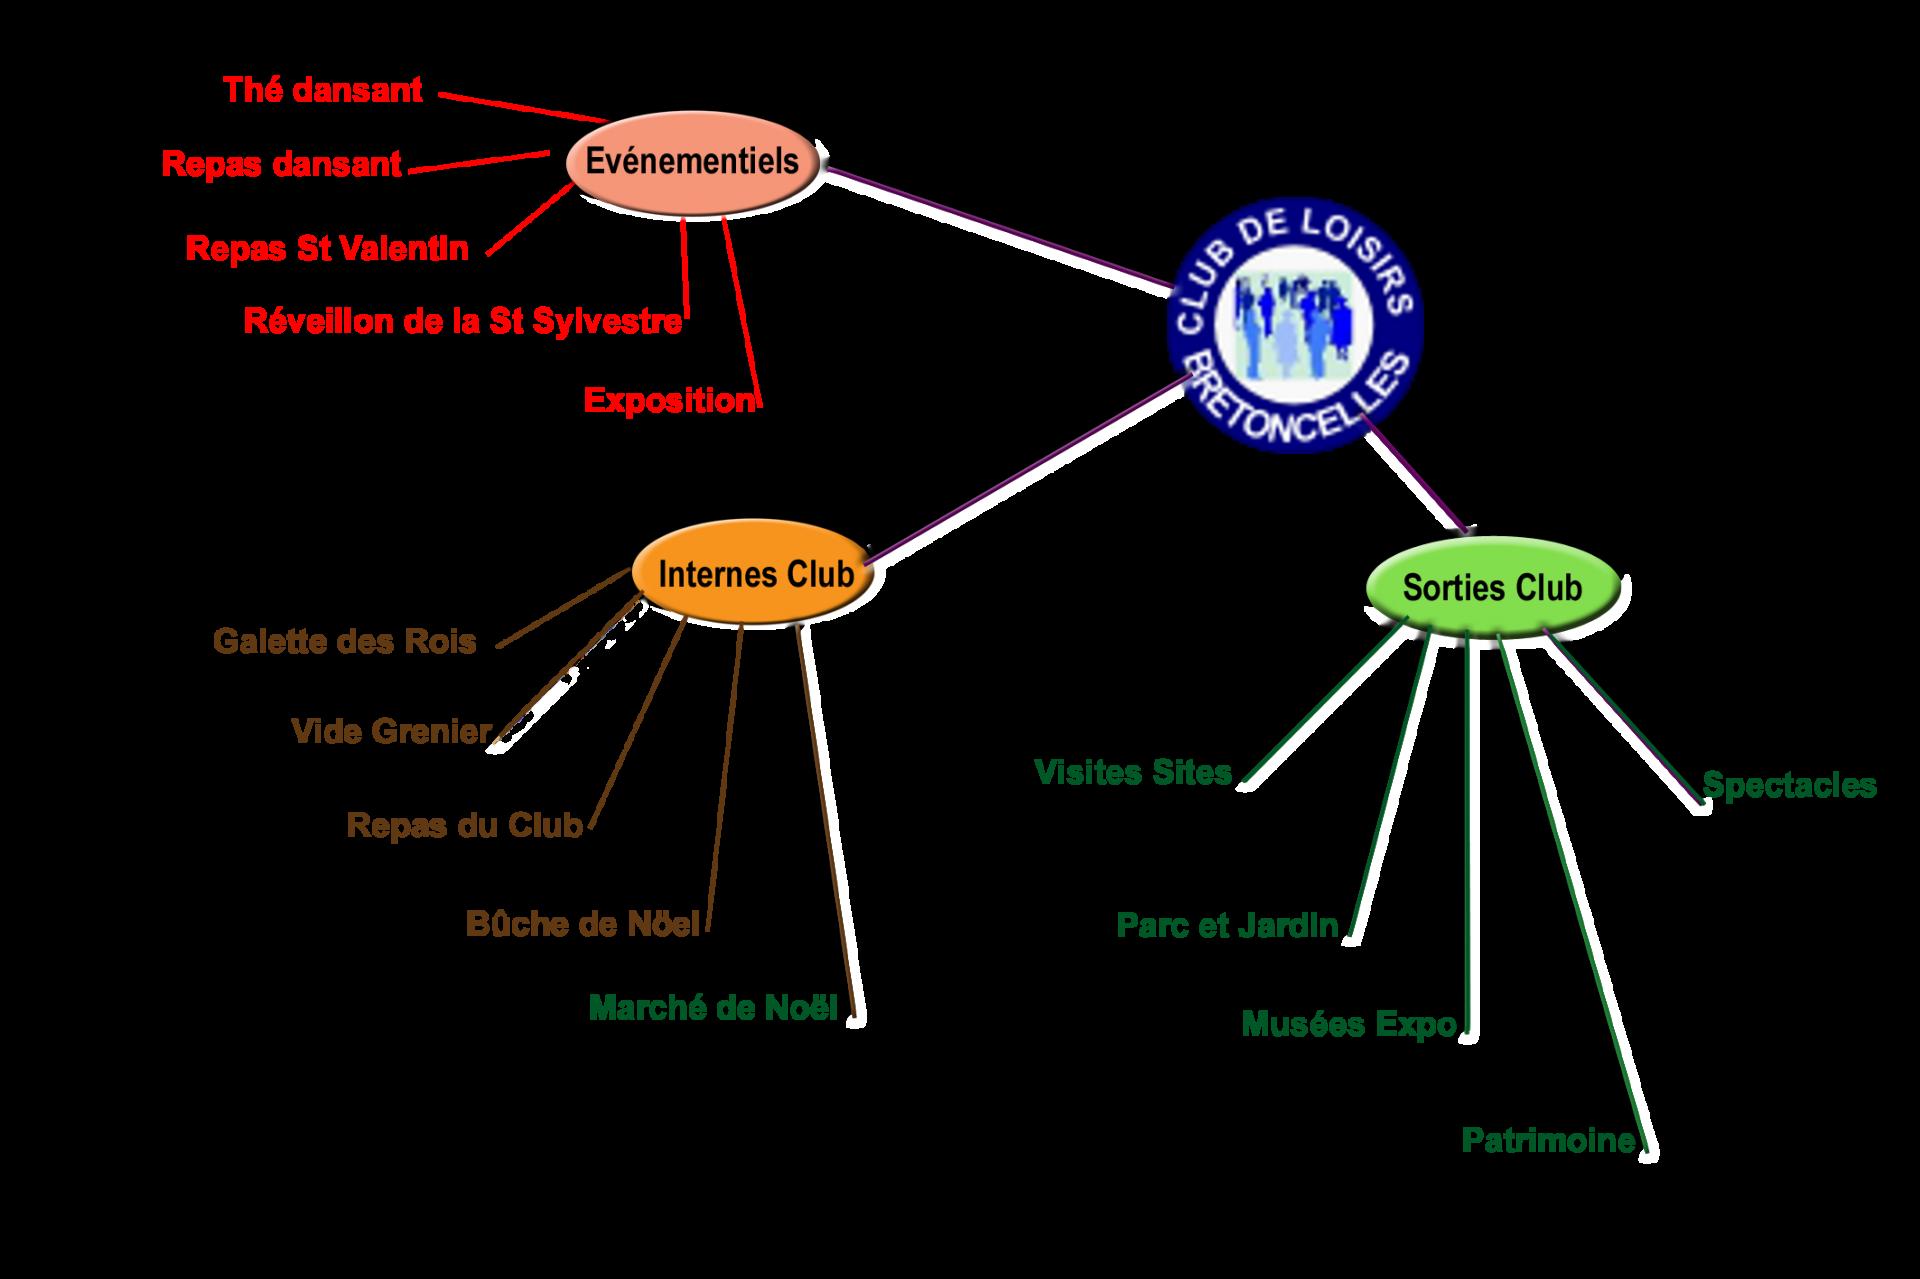 Schema manifs modifie 5